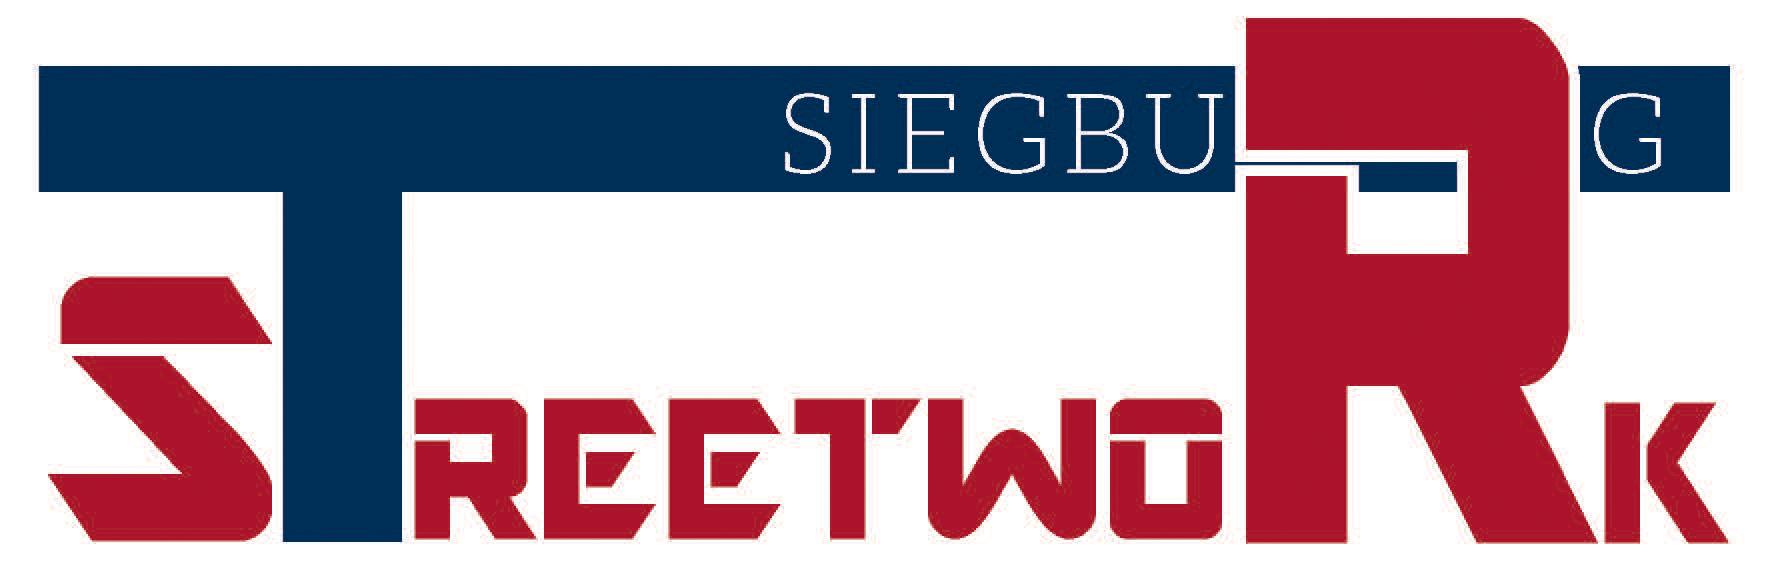 Das Bild zeigt das Logo der Streetwork - JUZE Deichhaus